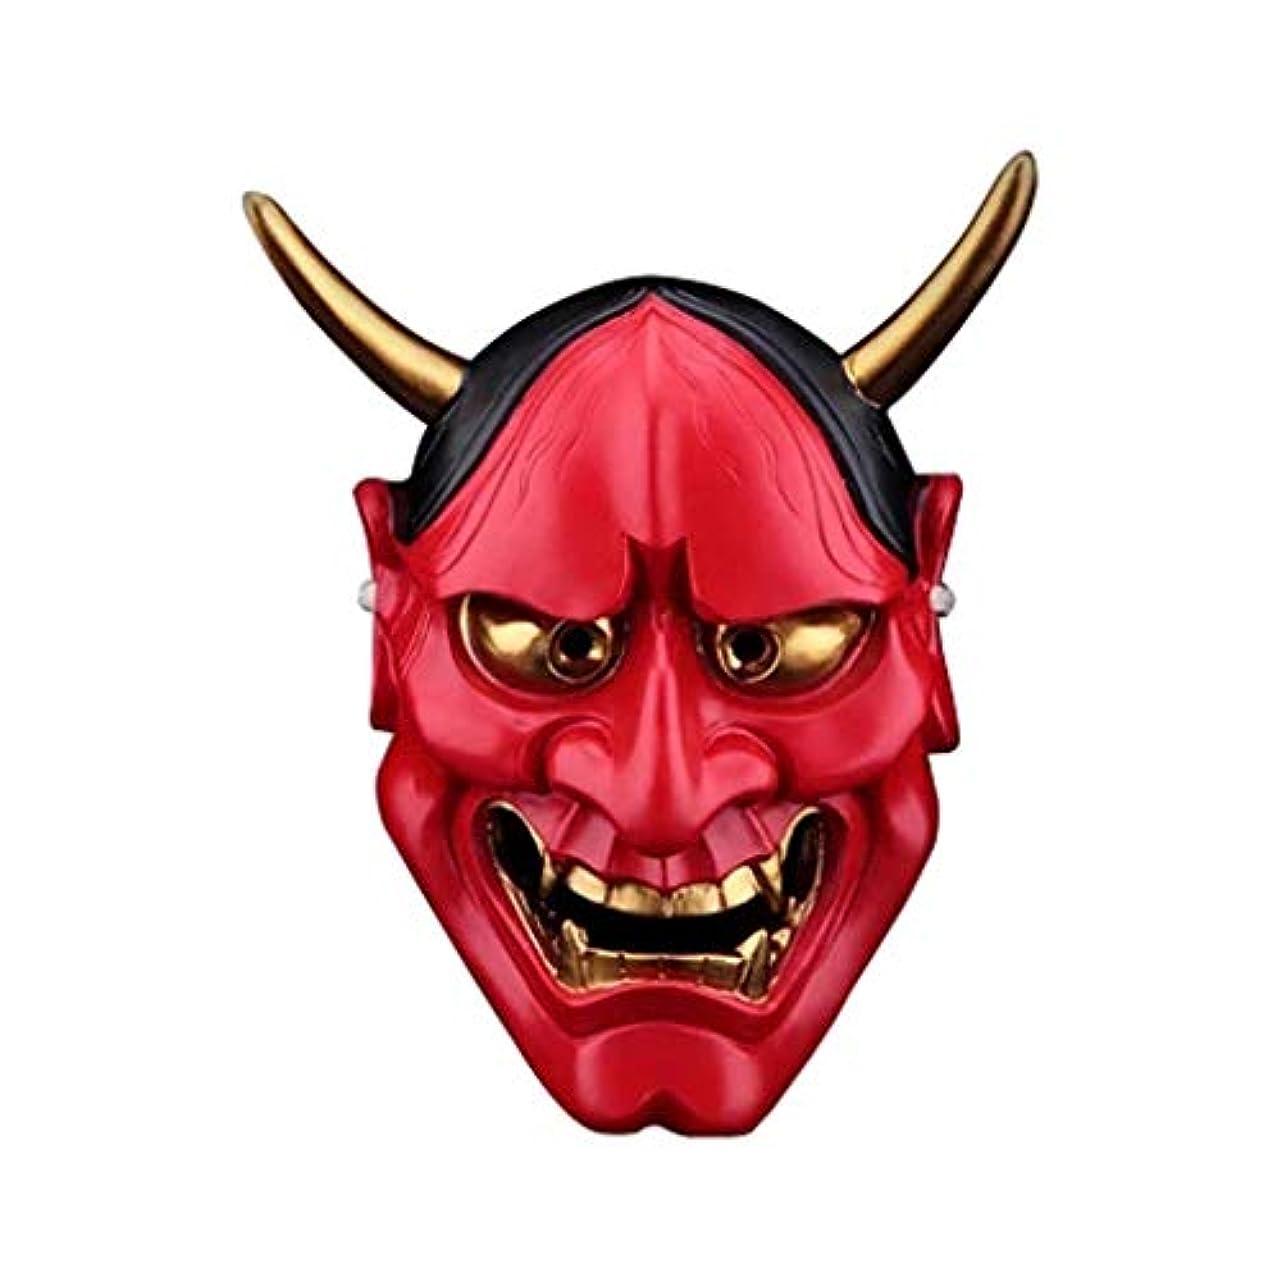 クレジットまさにポルティコハロウィンホラーマスク、成人用樹脂マスクデコレーション (Color : SILVER)